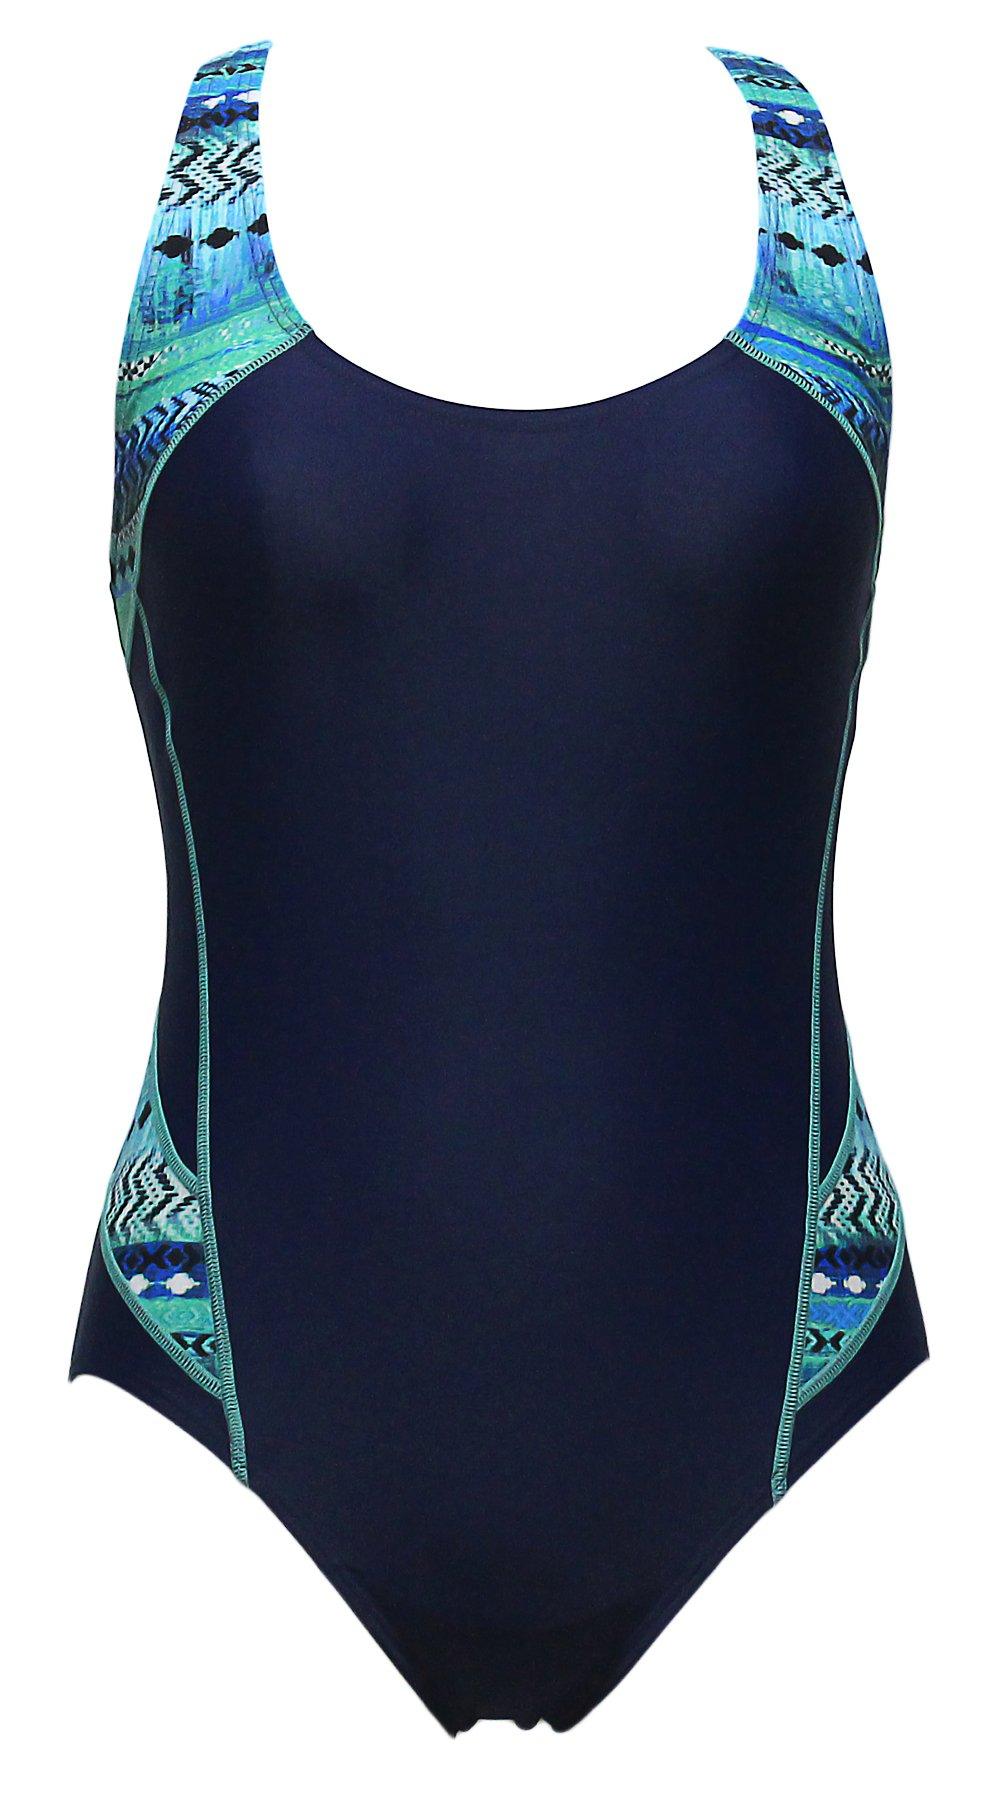 Qiaoer Athletic Bathing Suit Women's Raceback Splice One Piece Swimsuit (Blue Pattern, XL)